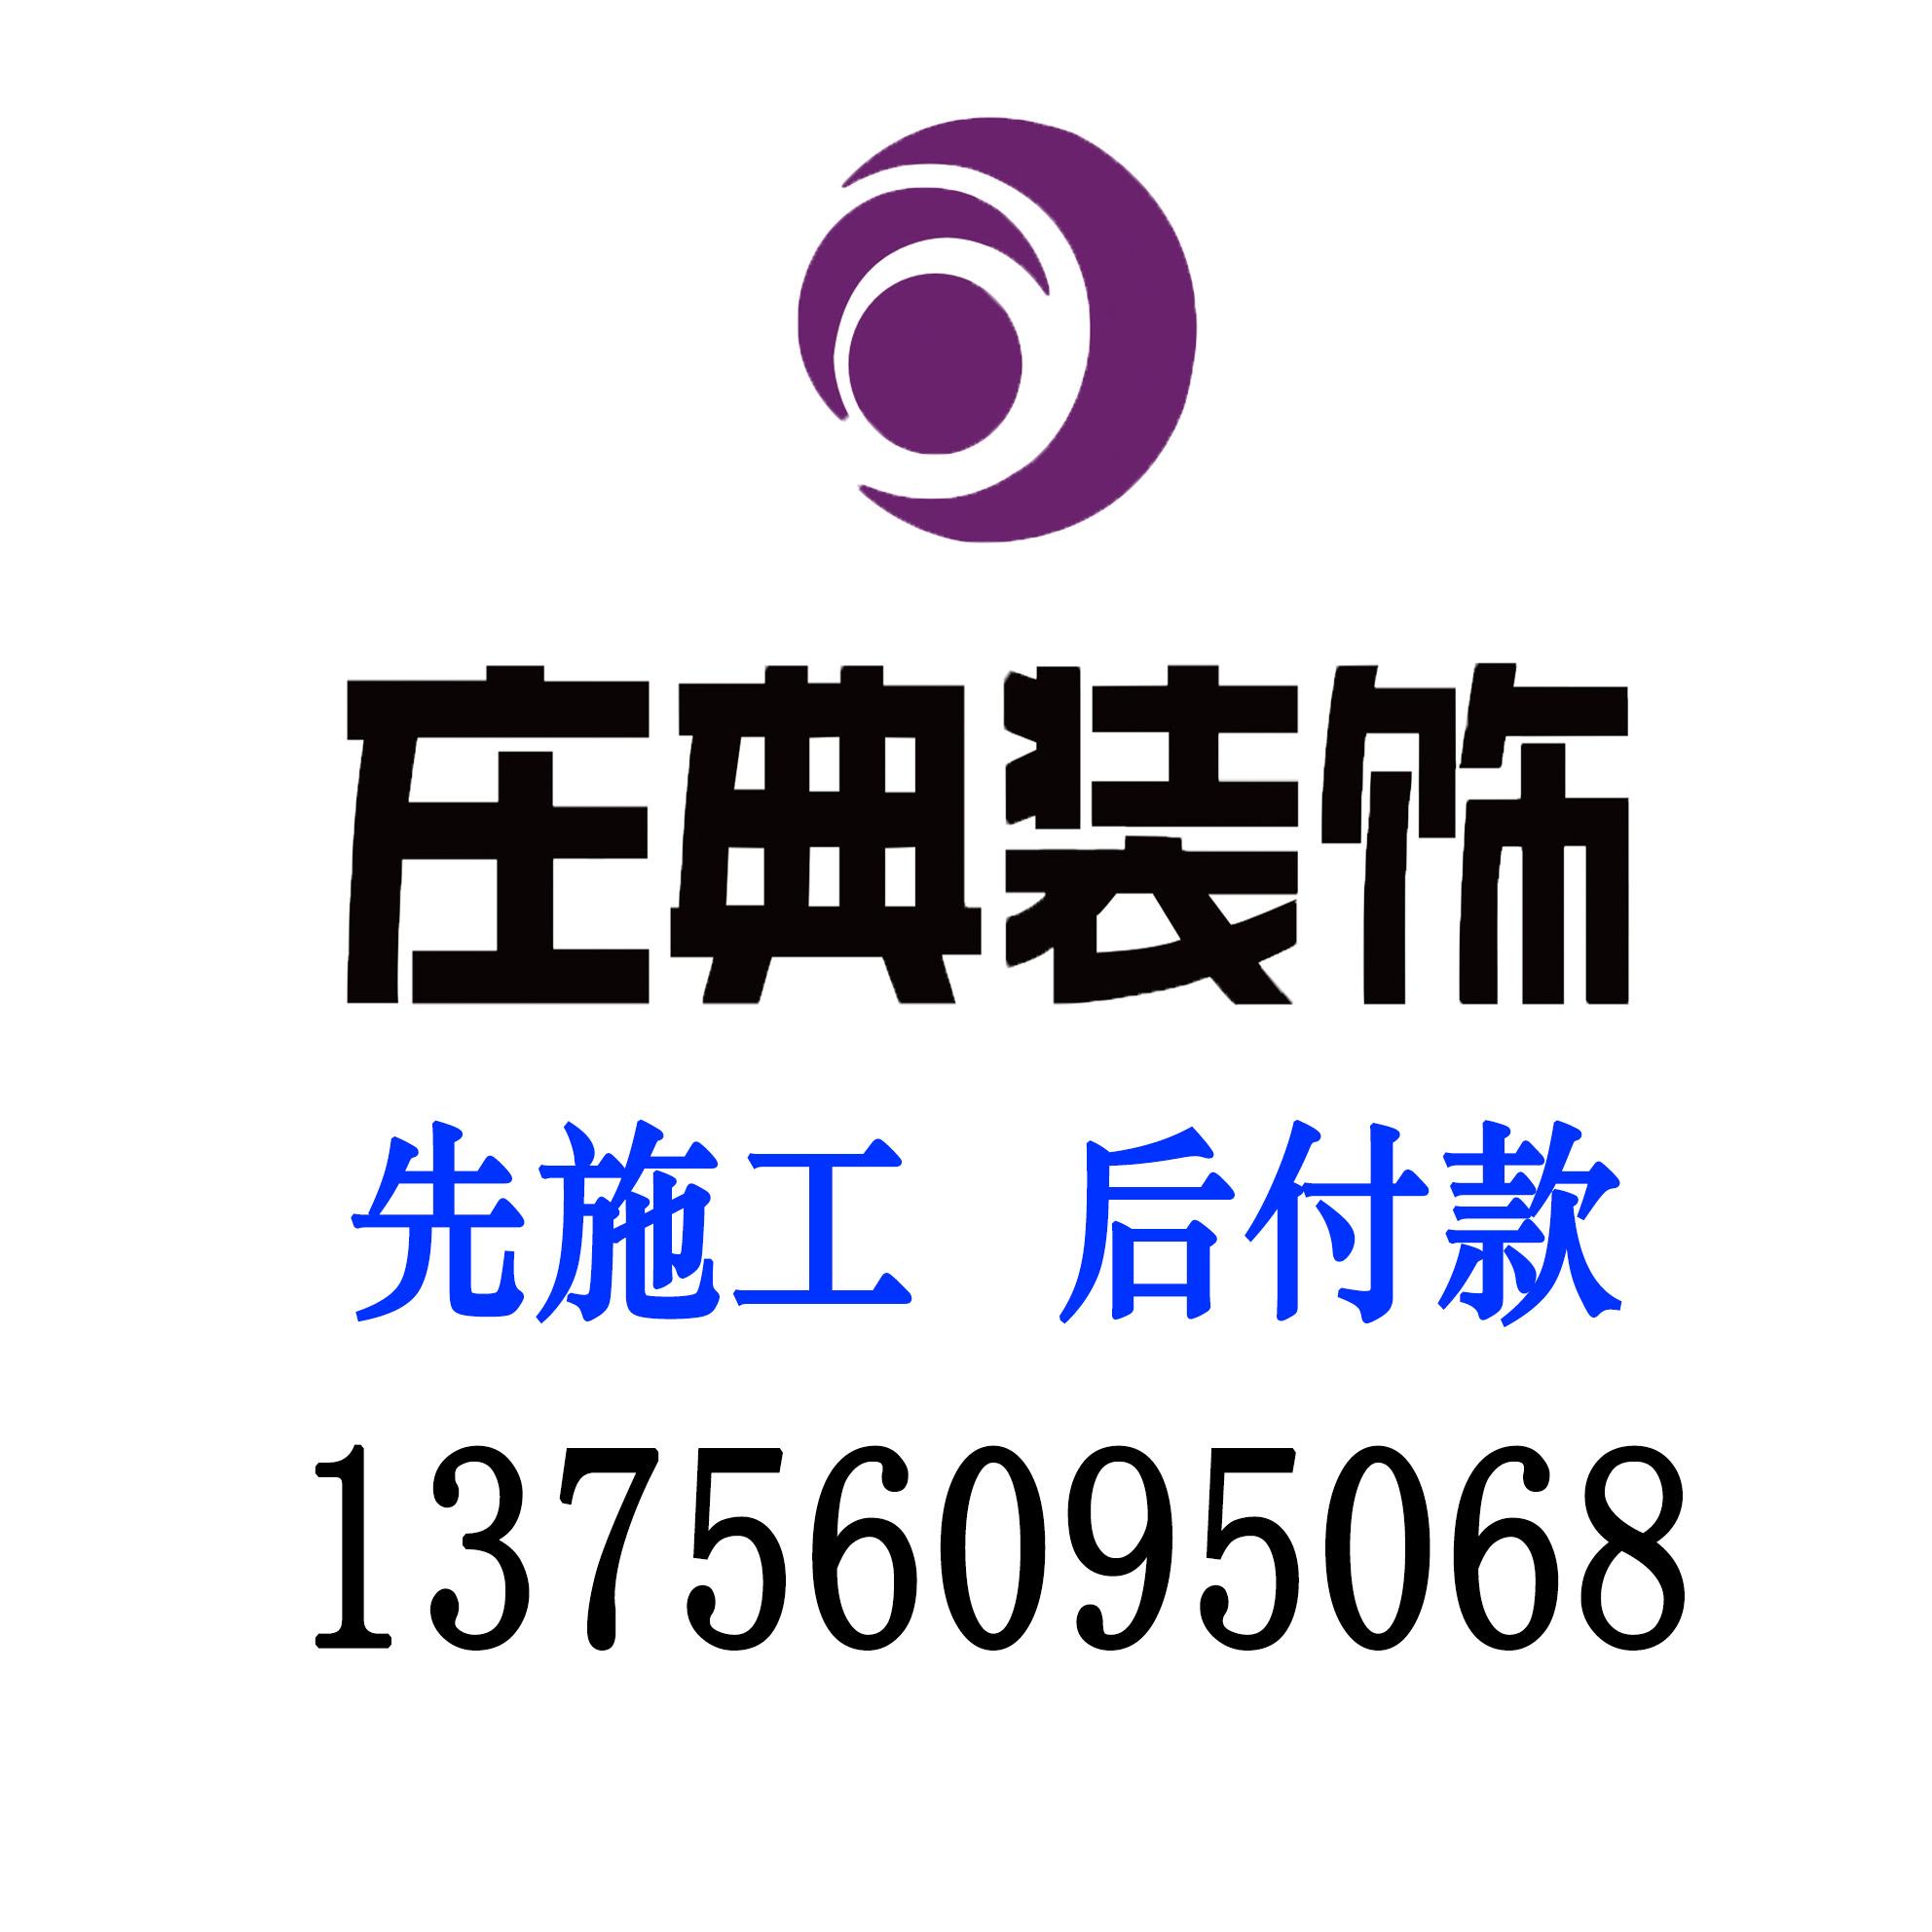 北京庄典装饰长春分公司